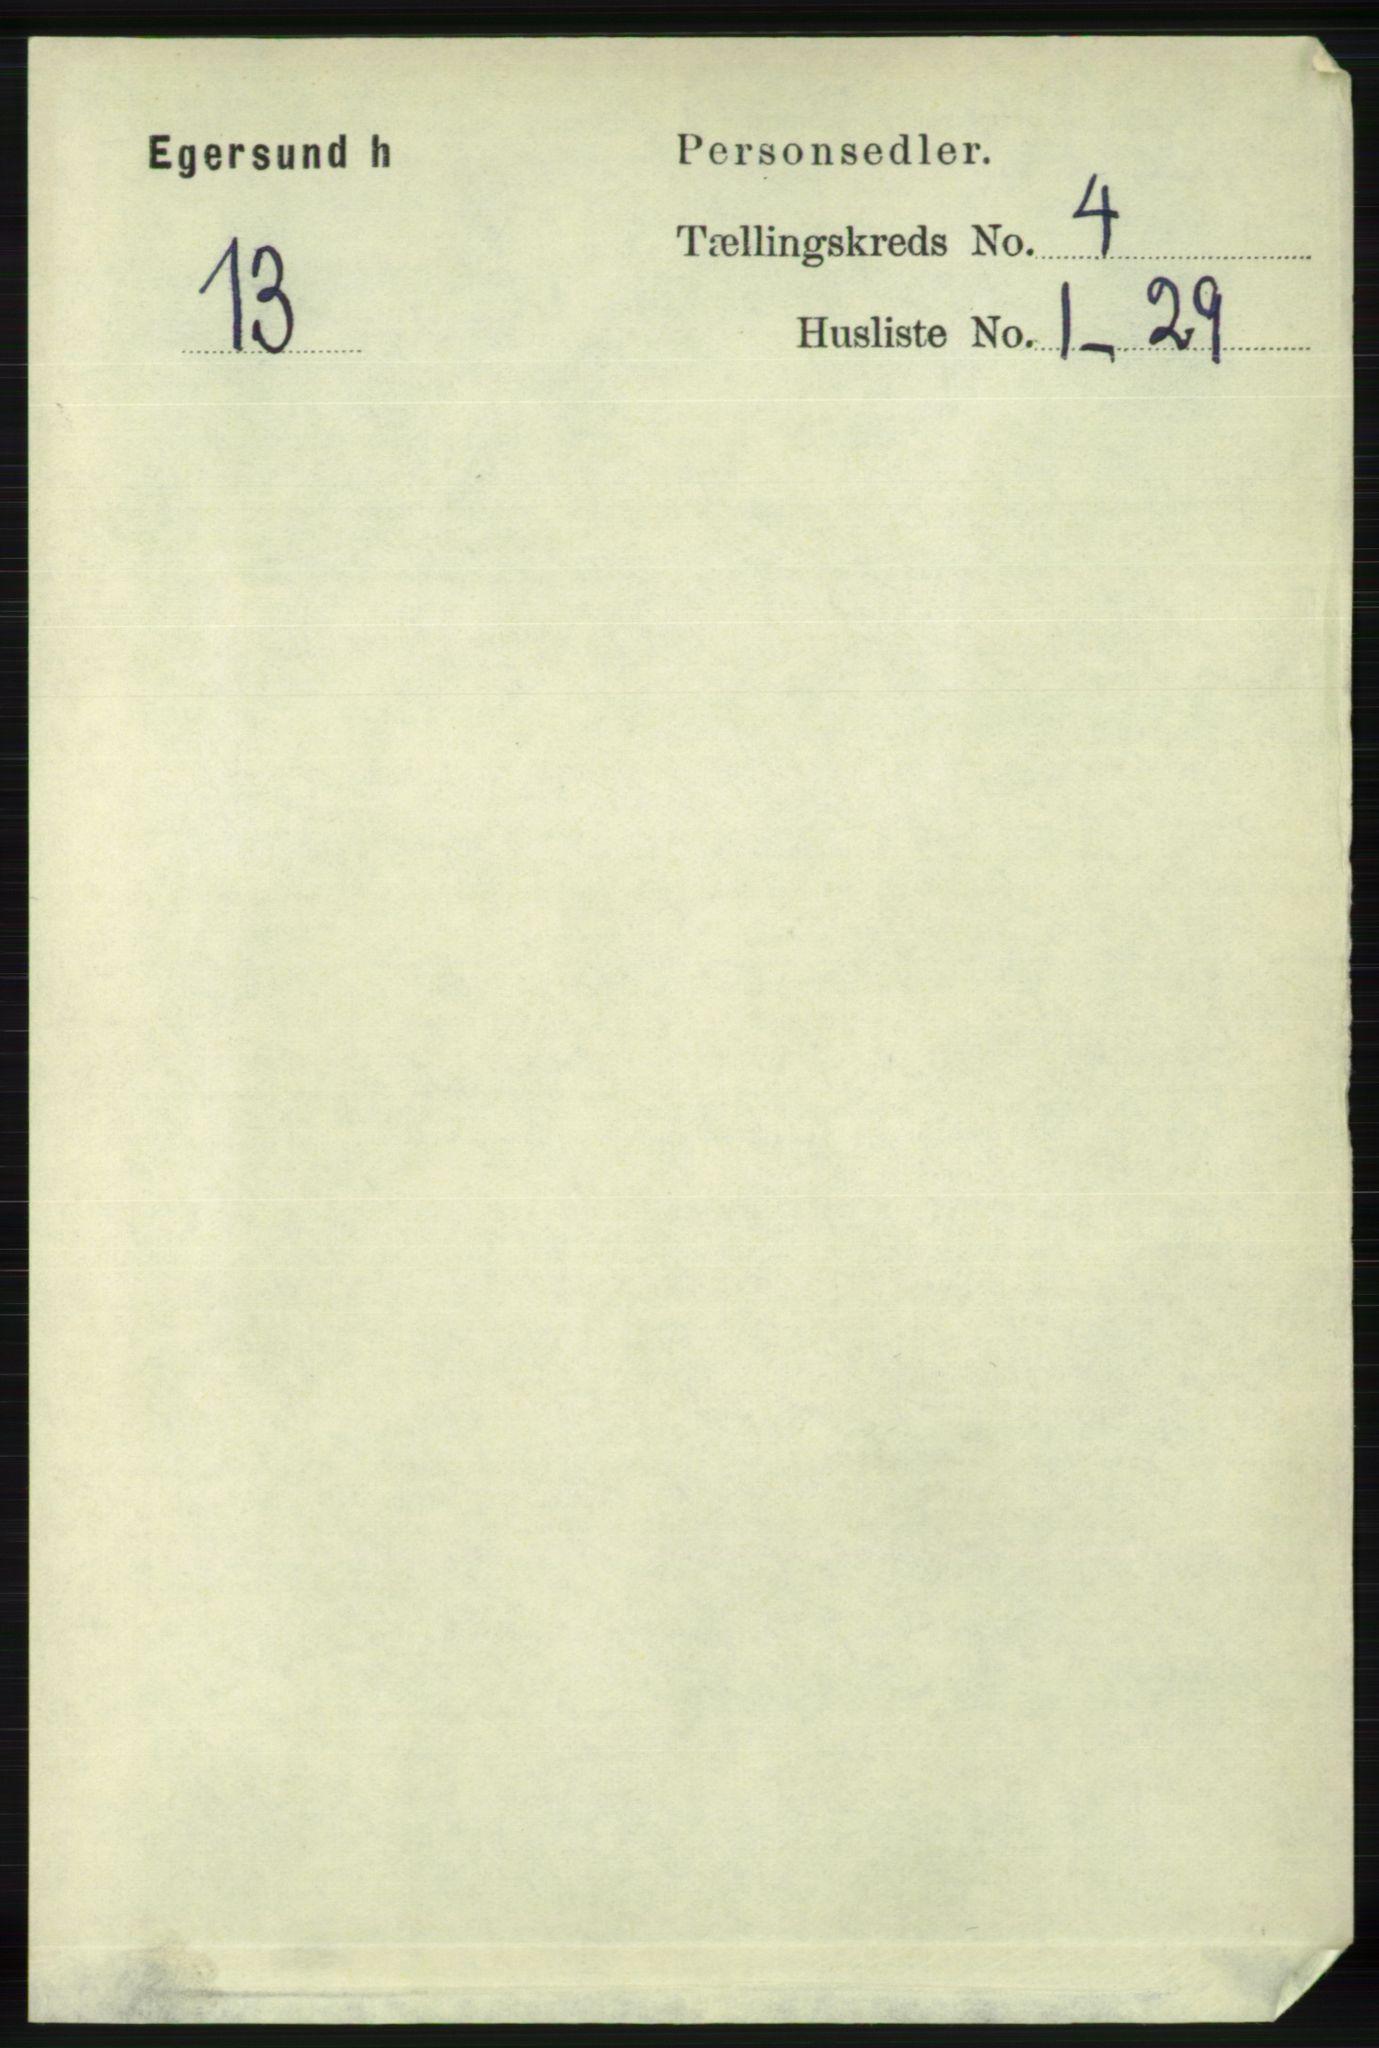 RA, Folketelling 1891 for 1116 Eigersund herred, 1891, s. 1647